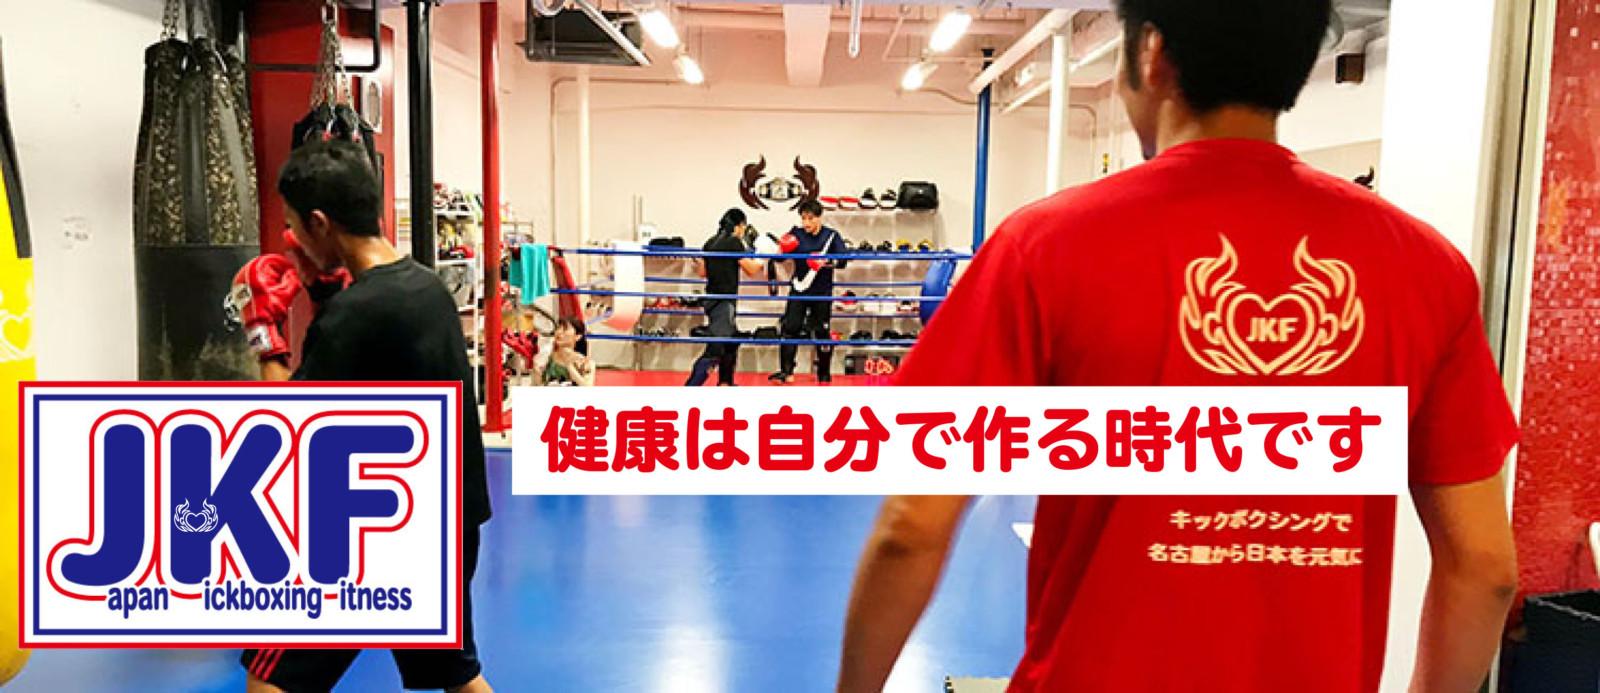 名古屋JKF キックボクシングフィットネスジム-たのしいキックボクシング